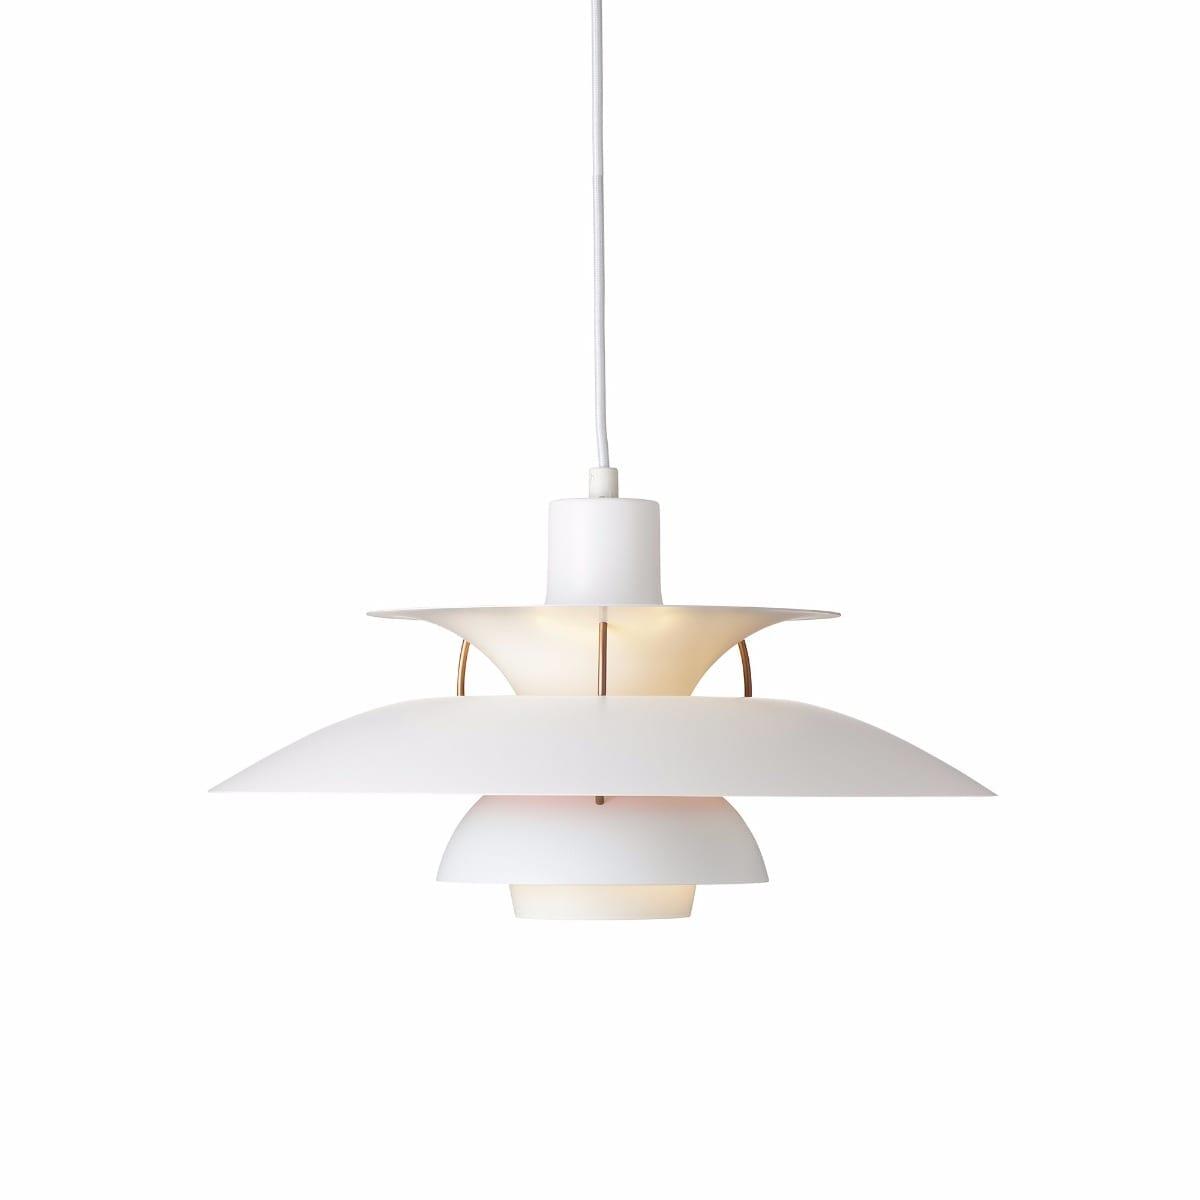 Bare ut Louis Poulsen PH 5 mini - modern white | LiD Design II-72